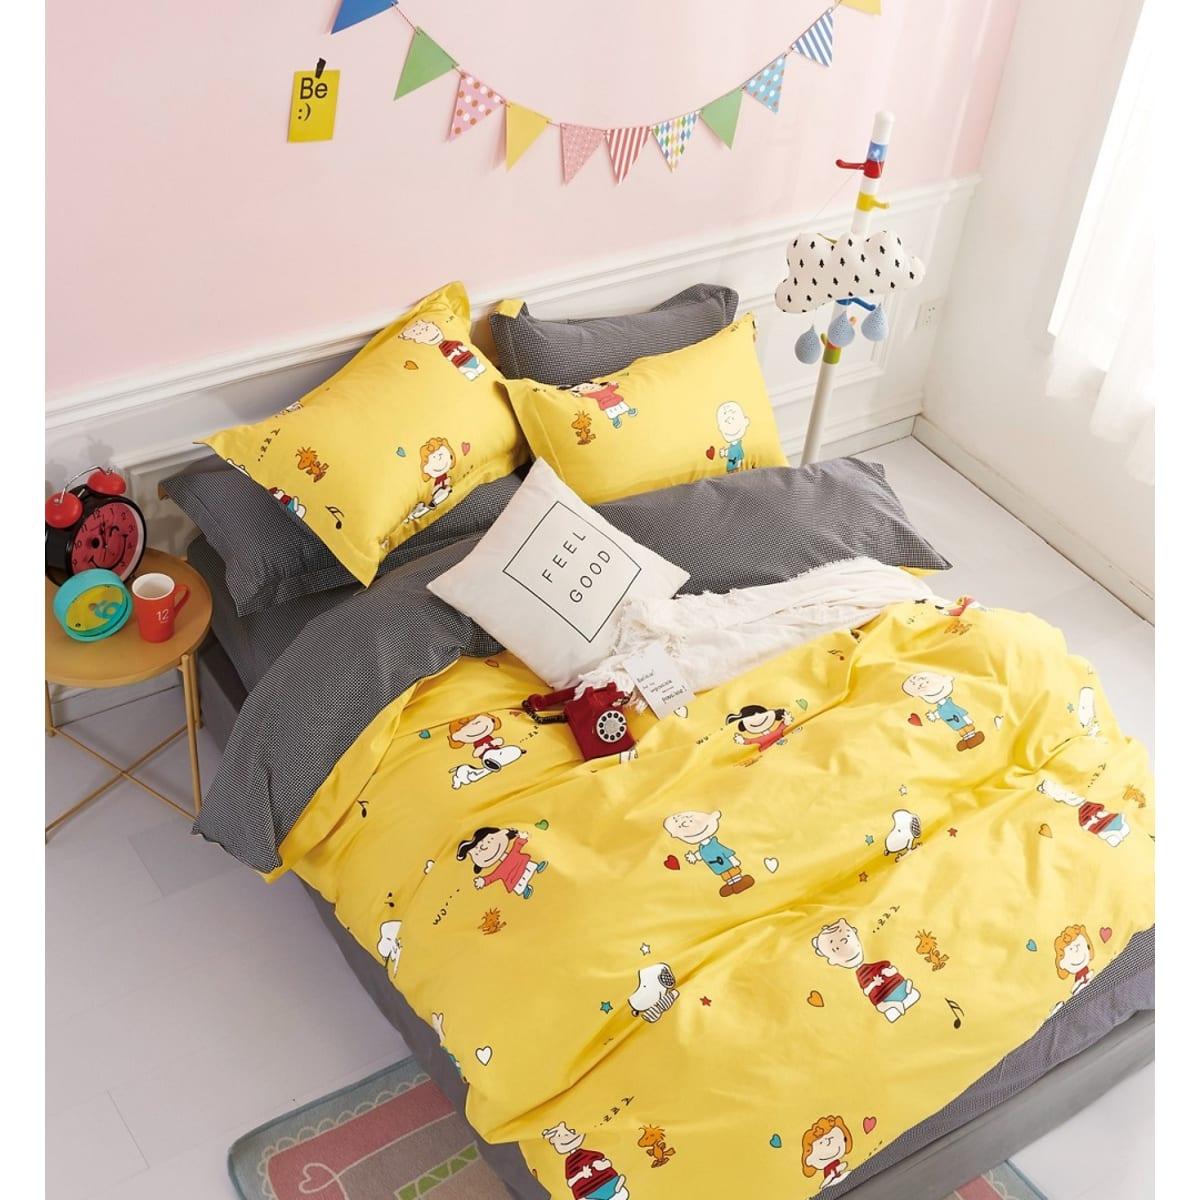 Комплект постельного белья полутораспальный RELANCE, сатин, 50x70 см